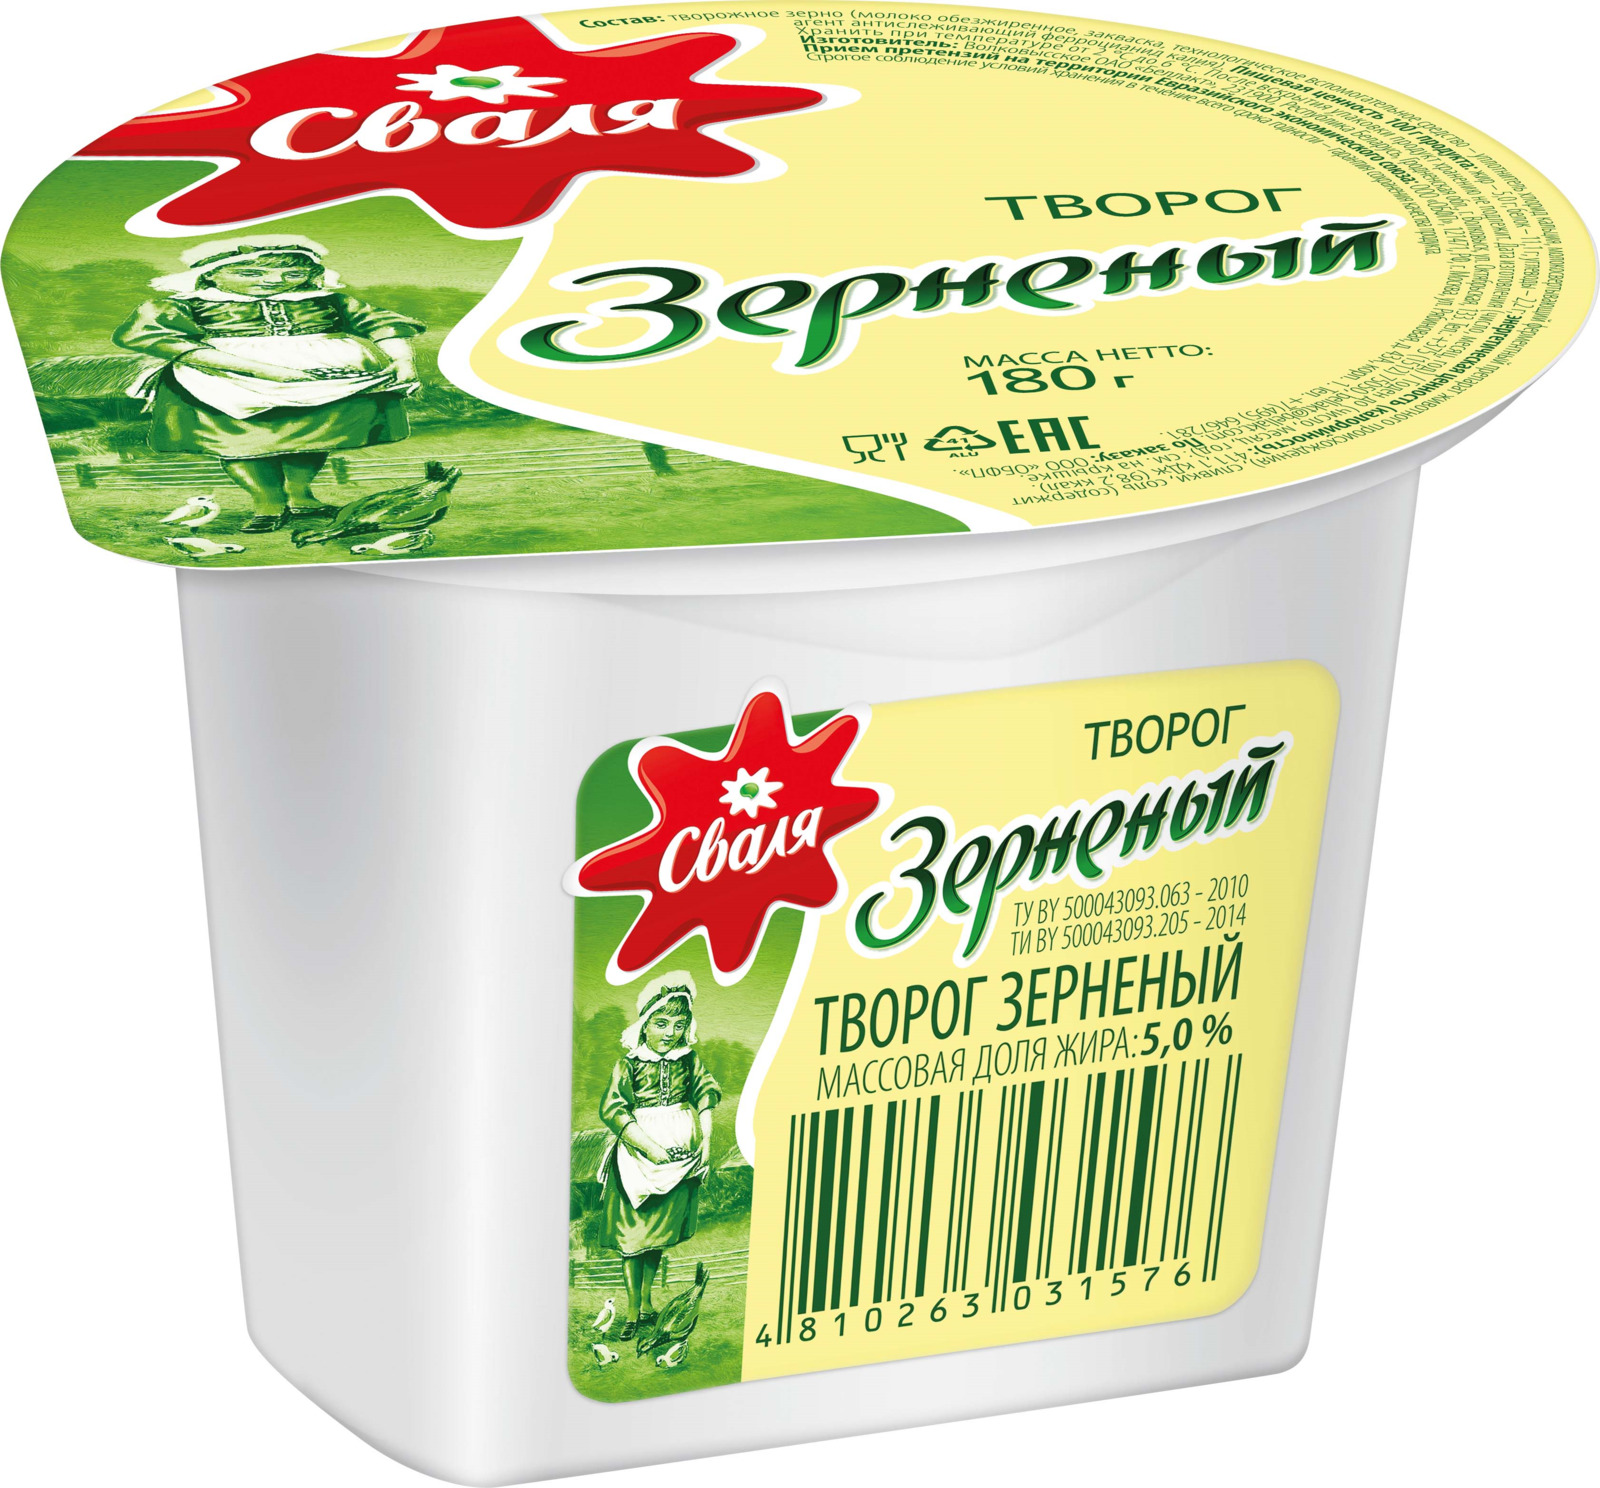 Фото - Творог Сваля, зерненый, 5%, 180 г молочные продукты